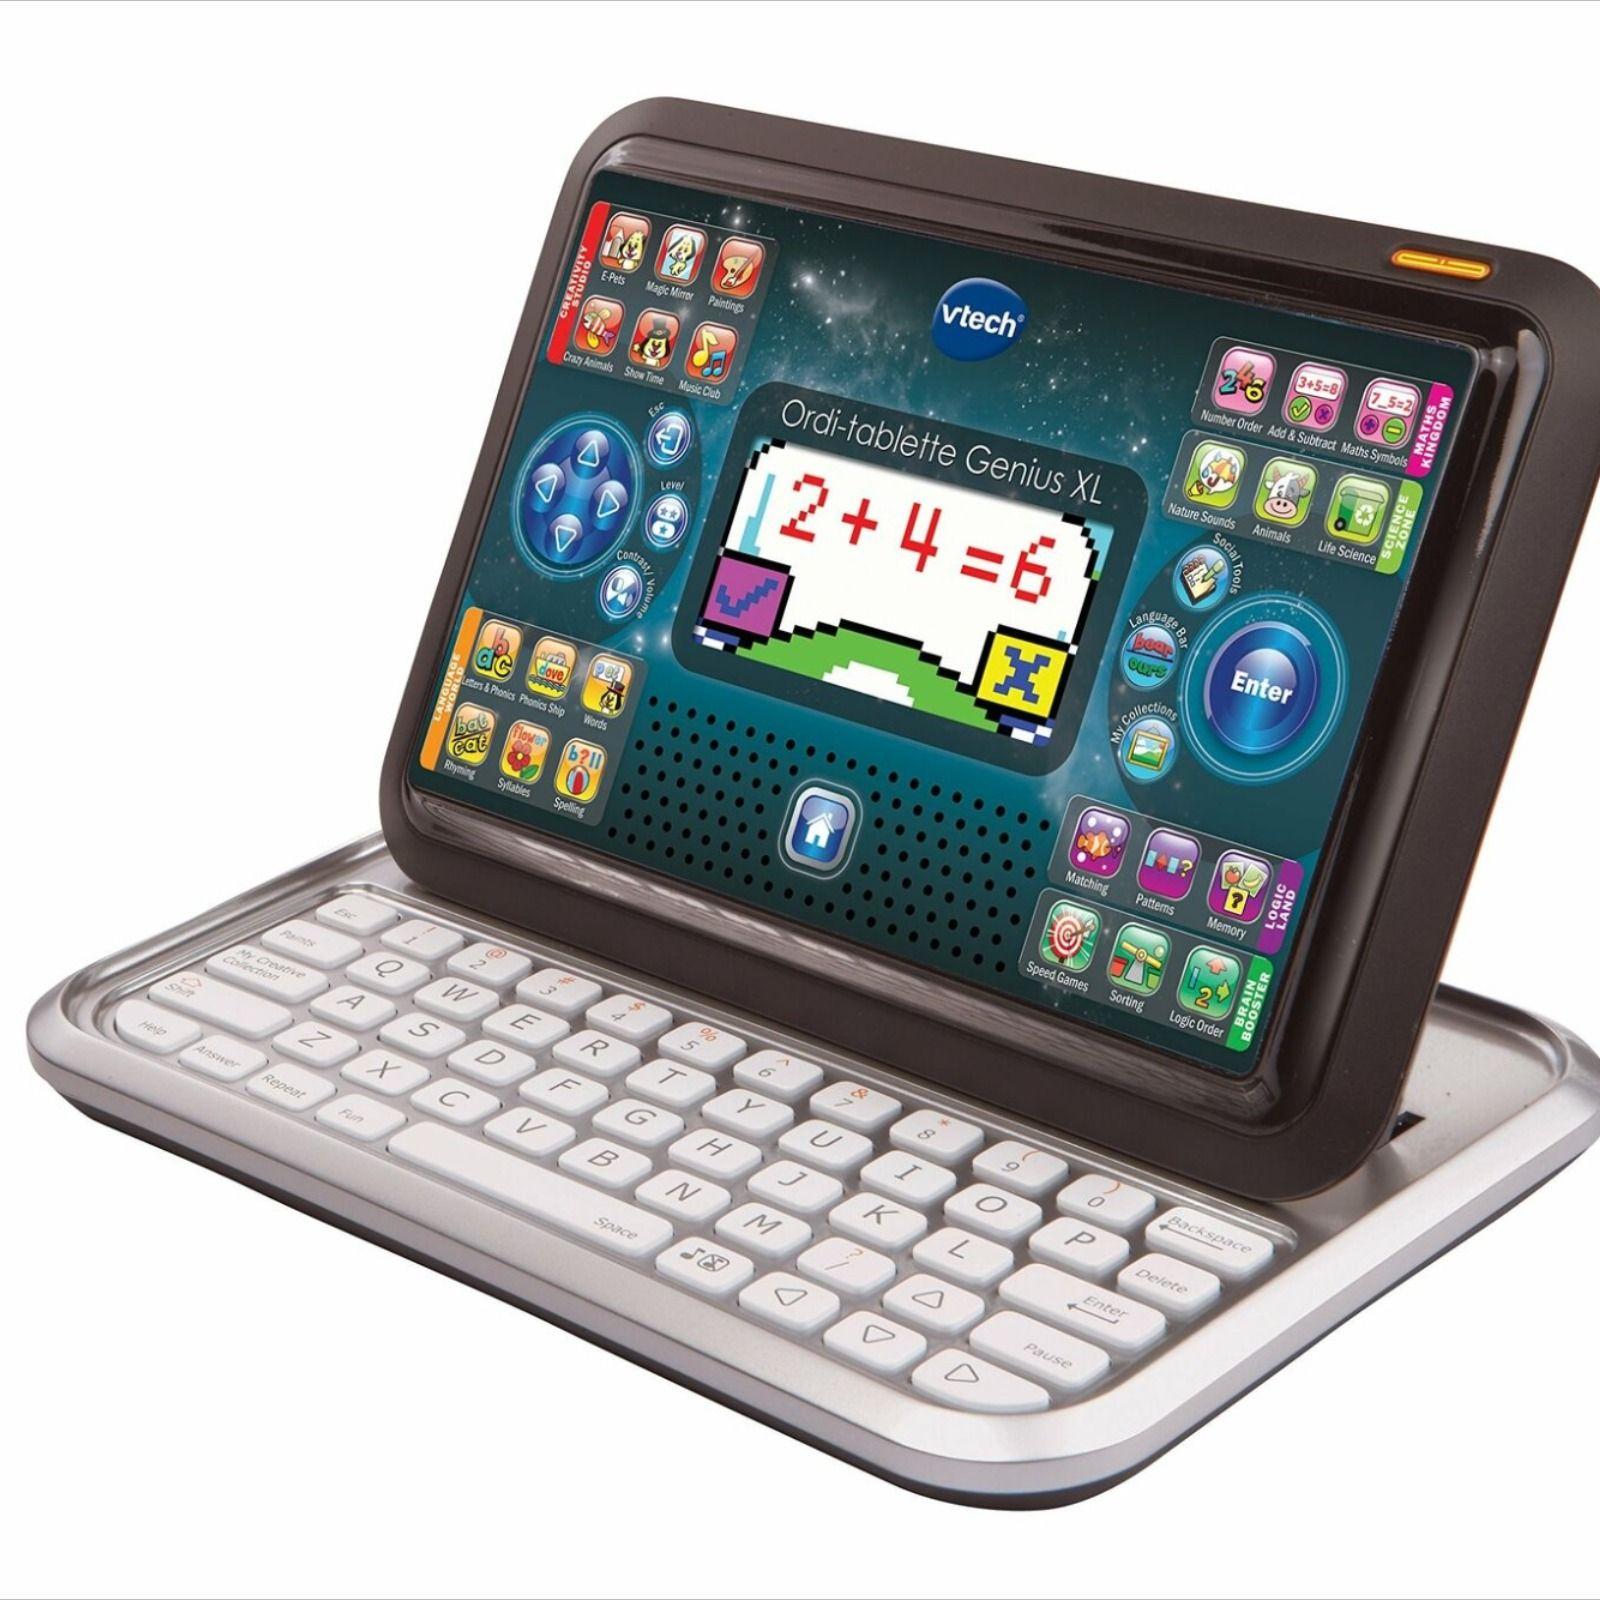 Vtech, Jouet, Jeux, Ordinateur, Tablette, Ordi-Tablette avec Jeux Ordinateur Enfant